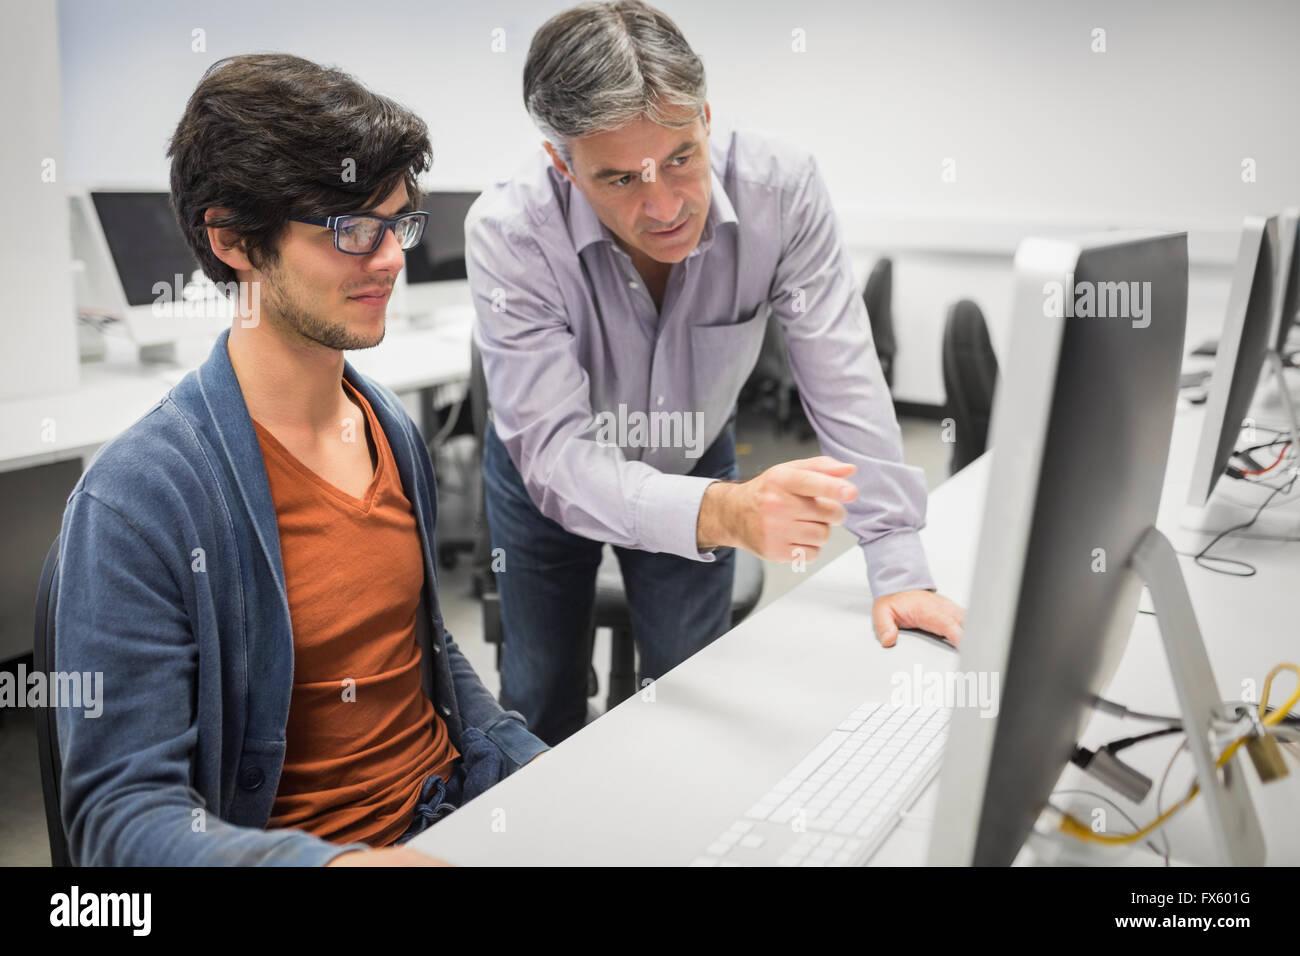 Professeur d'informatique à aider un étudiant Photo Stock